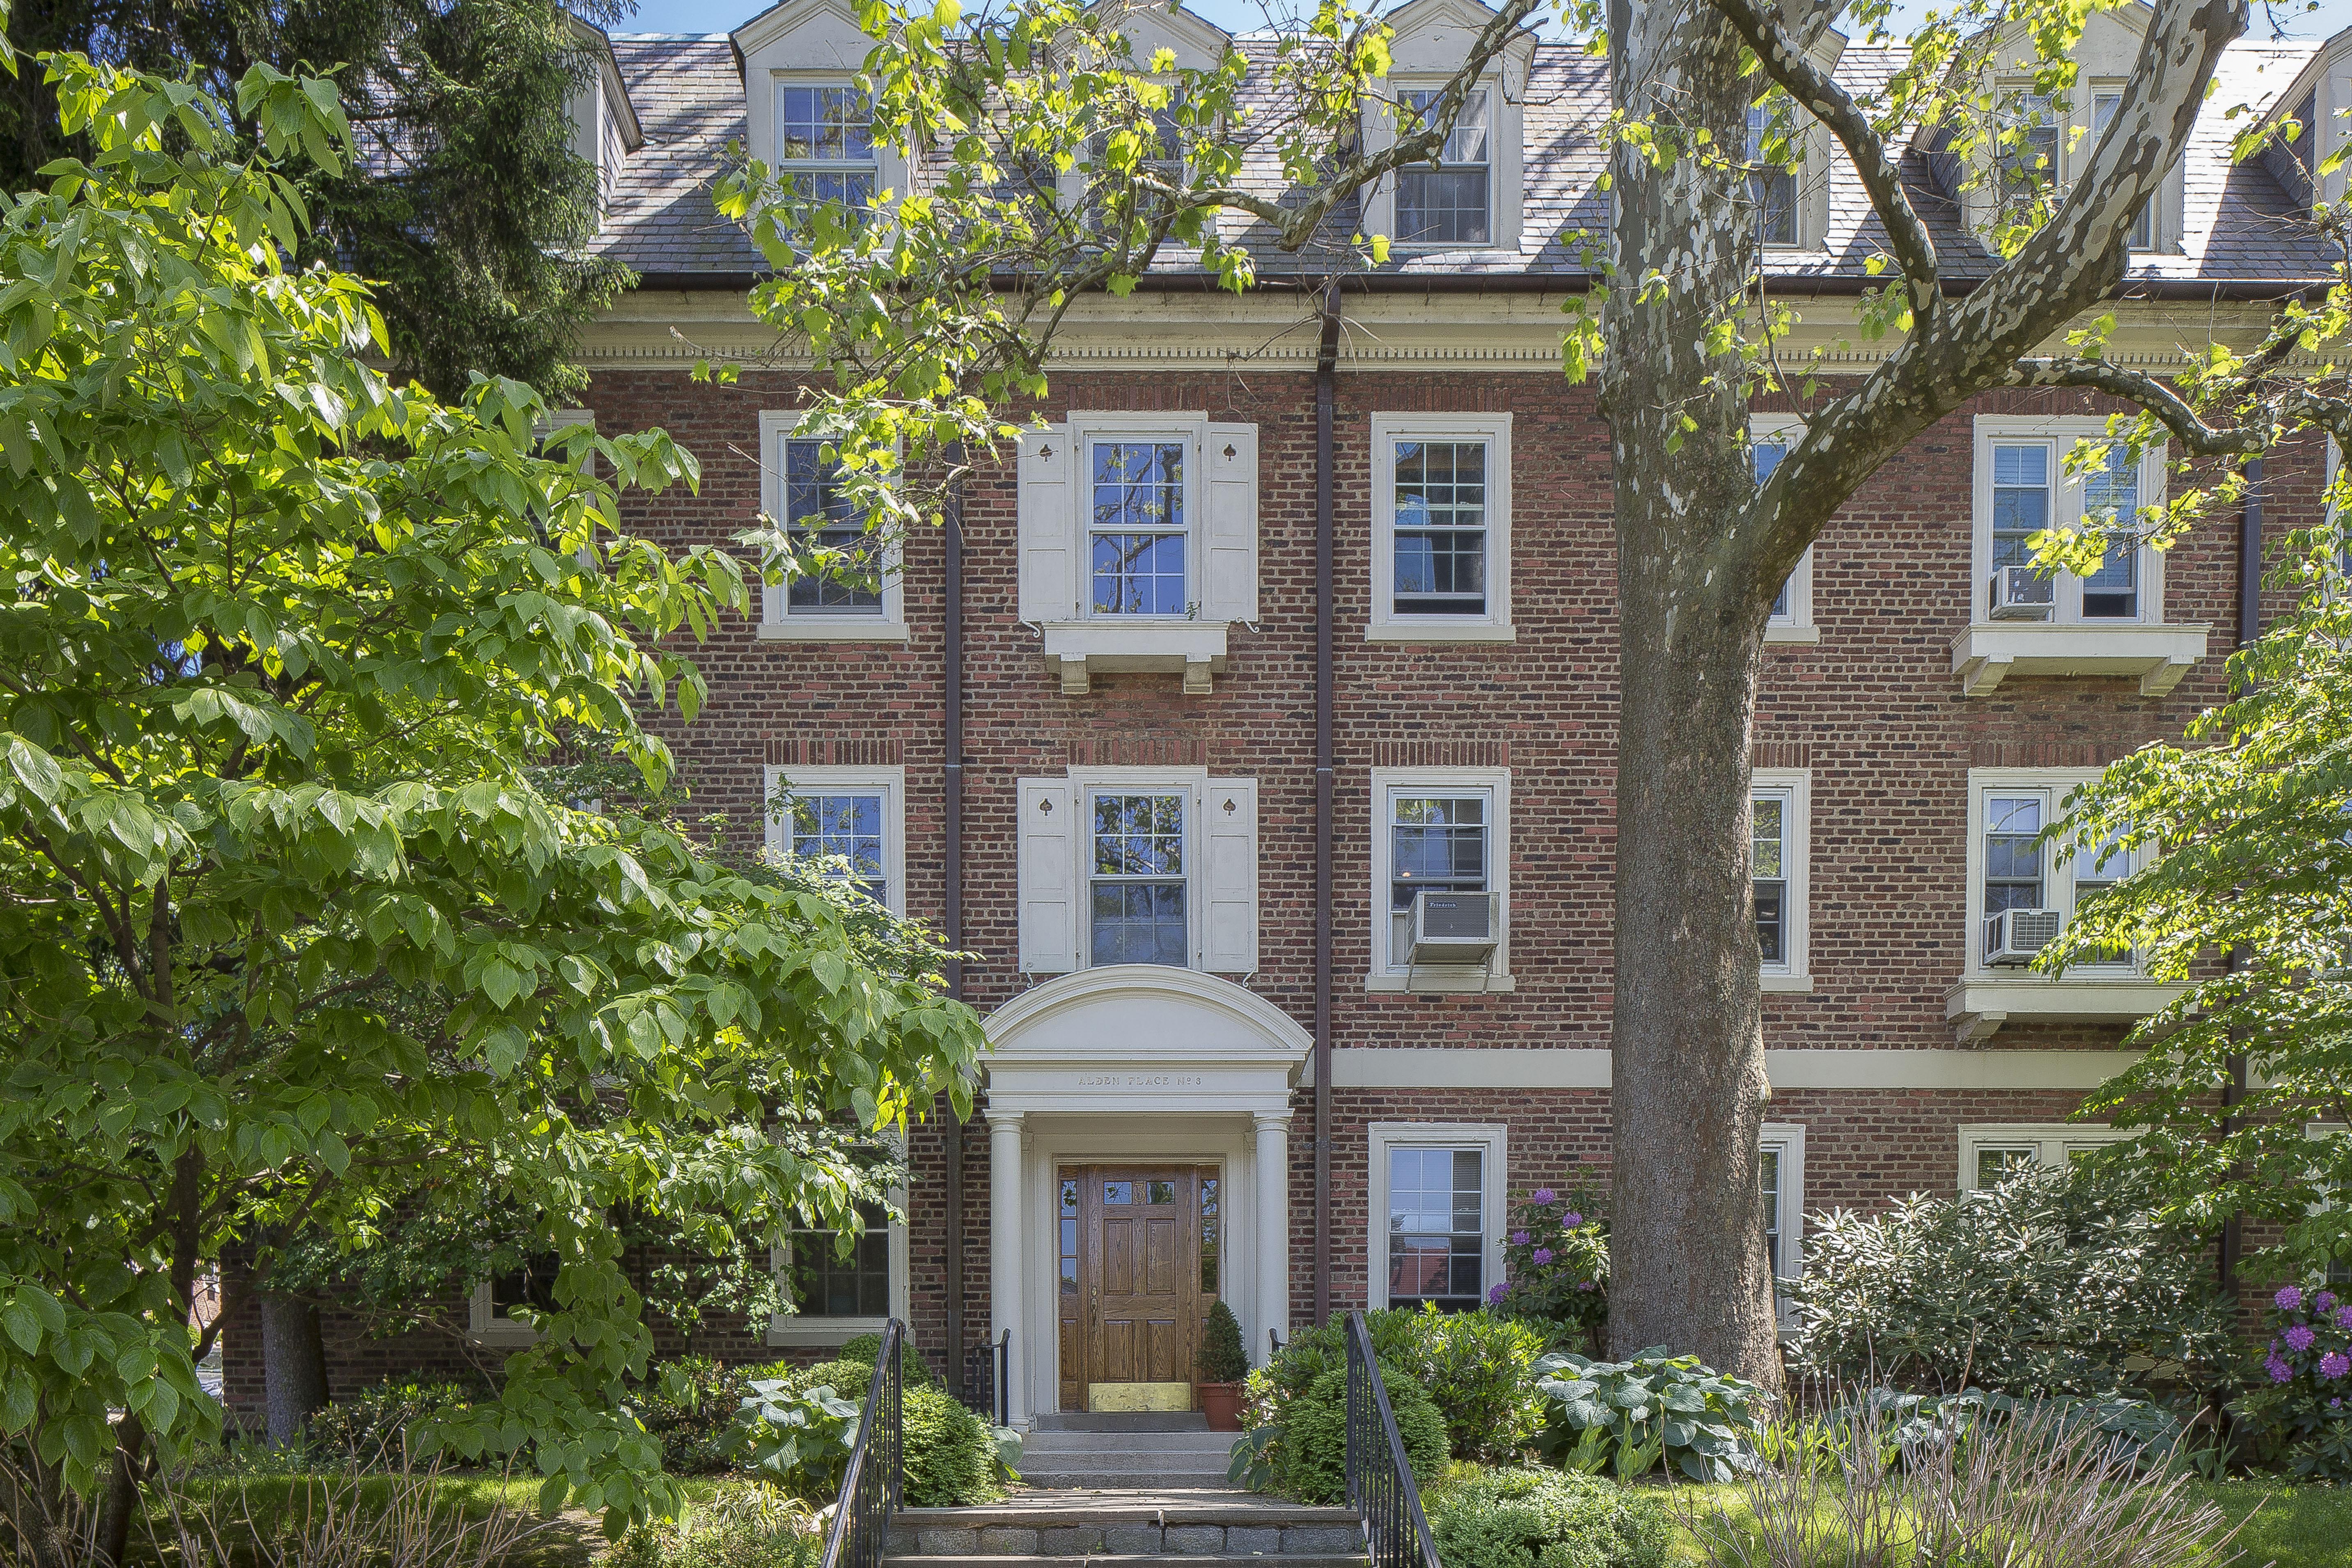 코압 용 매매 에 The Picture of Perfection! 3 Alden Place 4A Bronxville, 뉴욕, 10708 미국